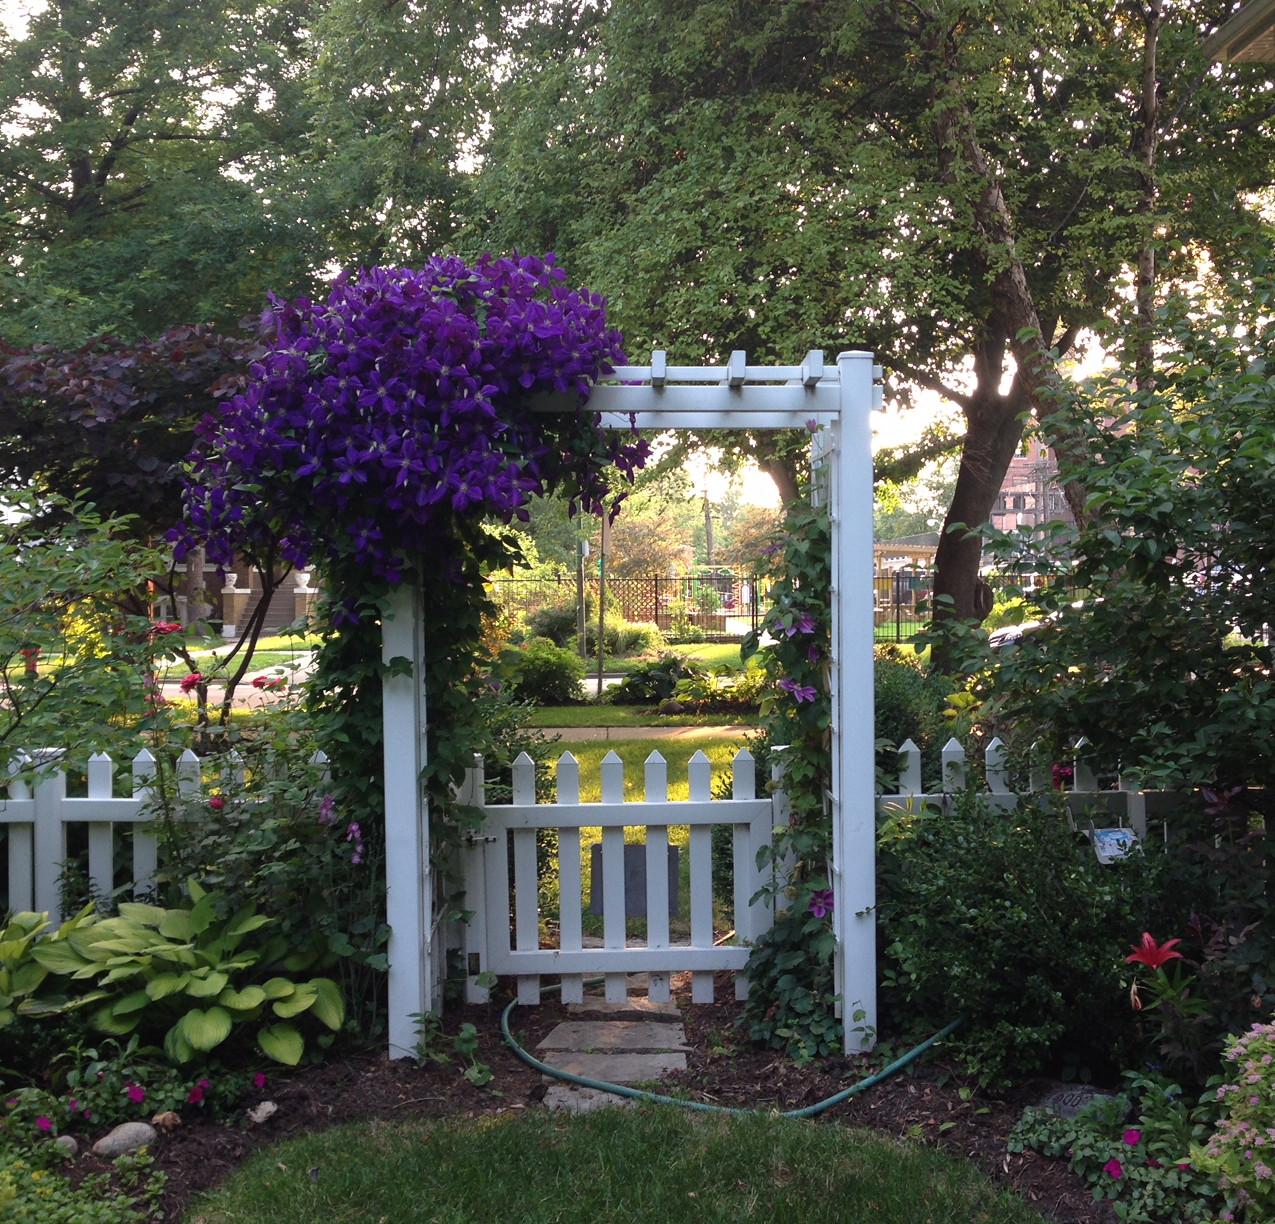 Garden gate with 'Jackmanii' clematis